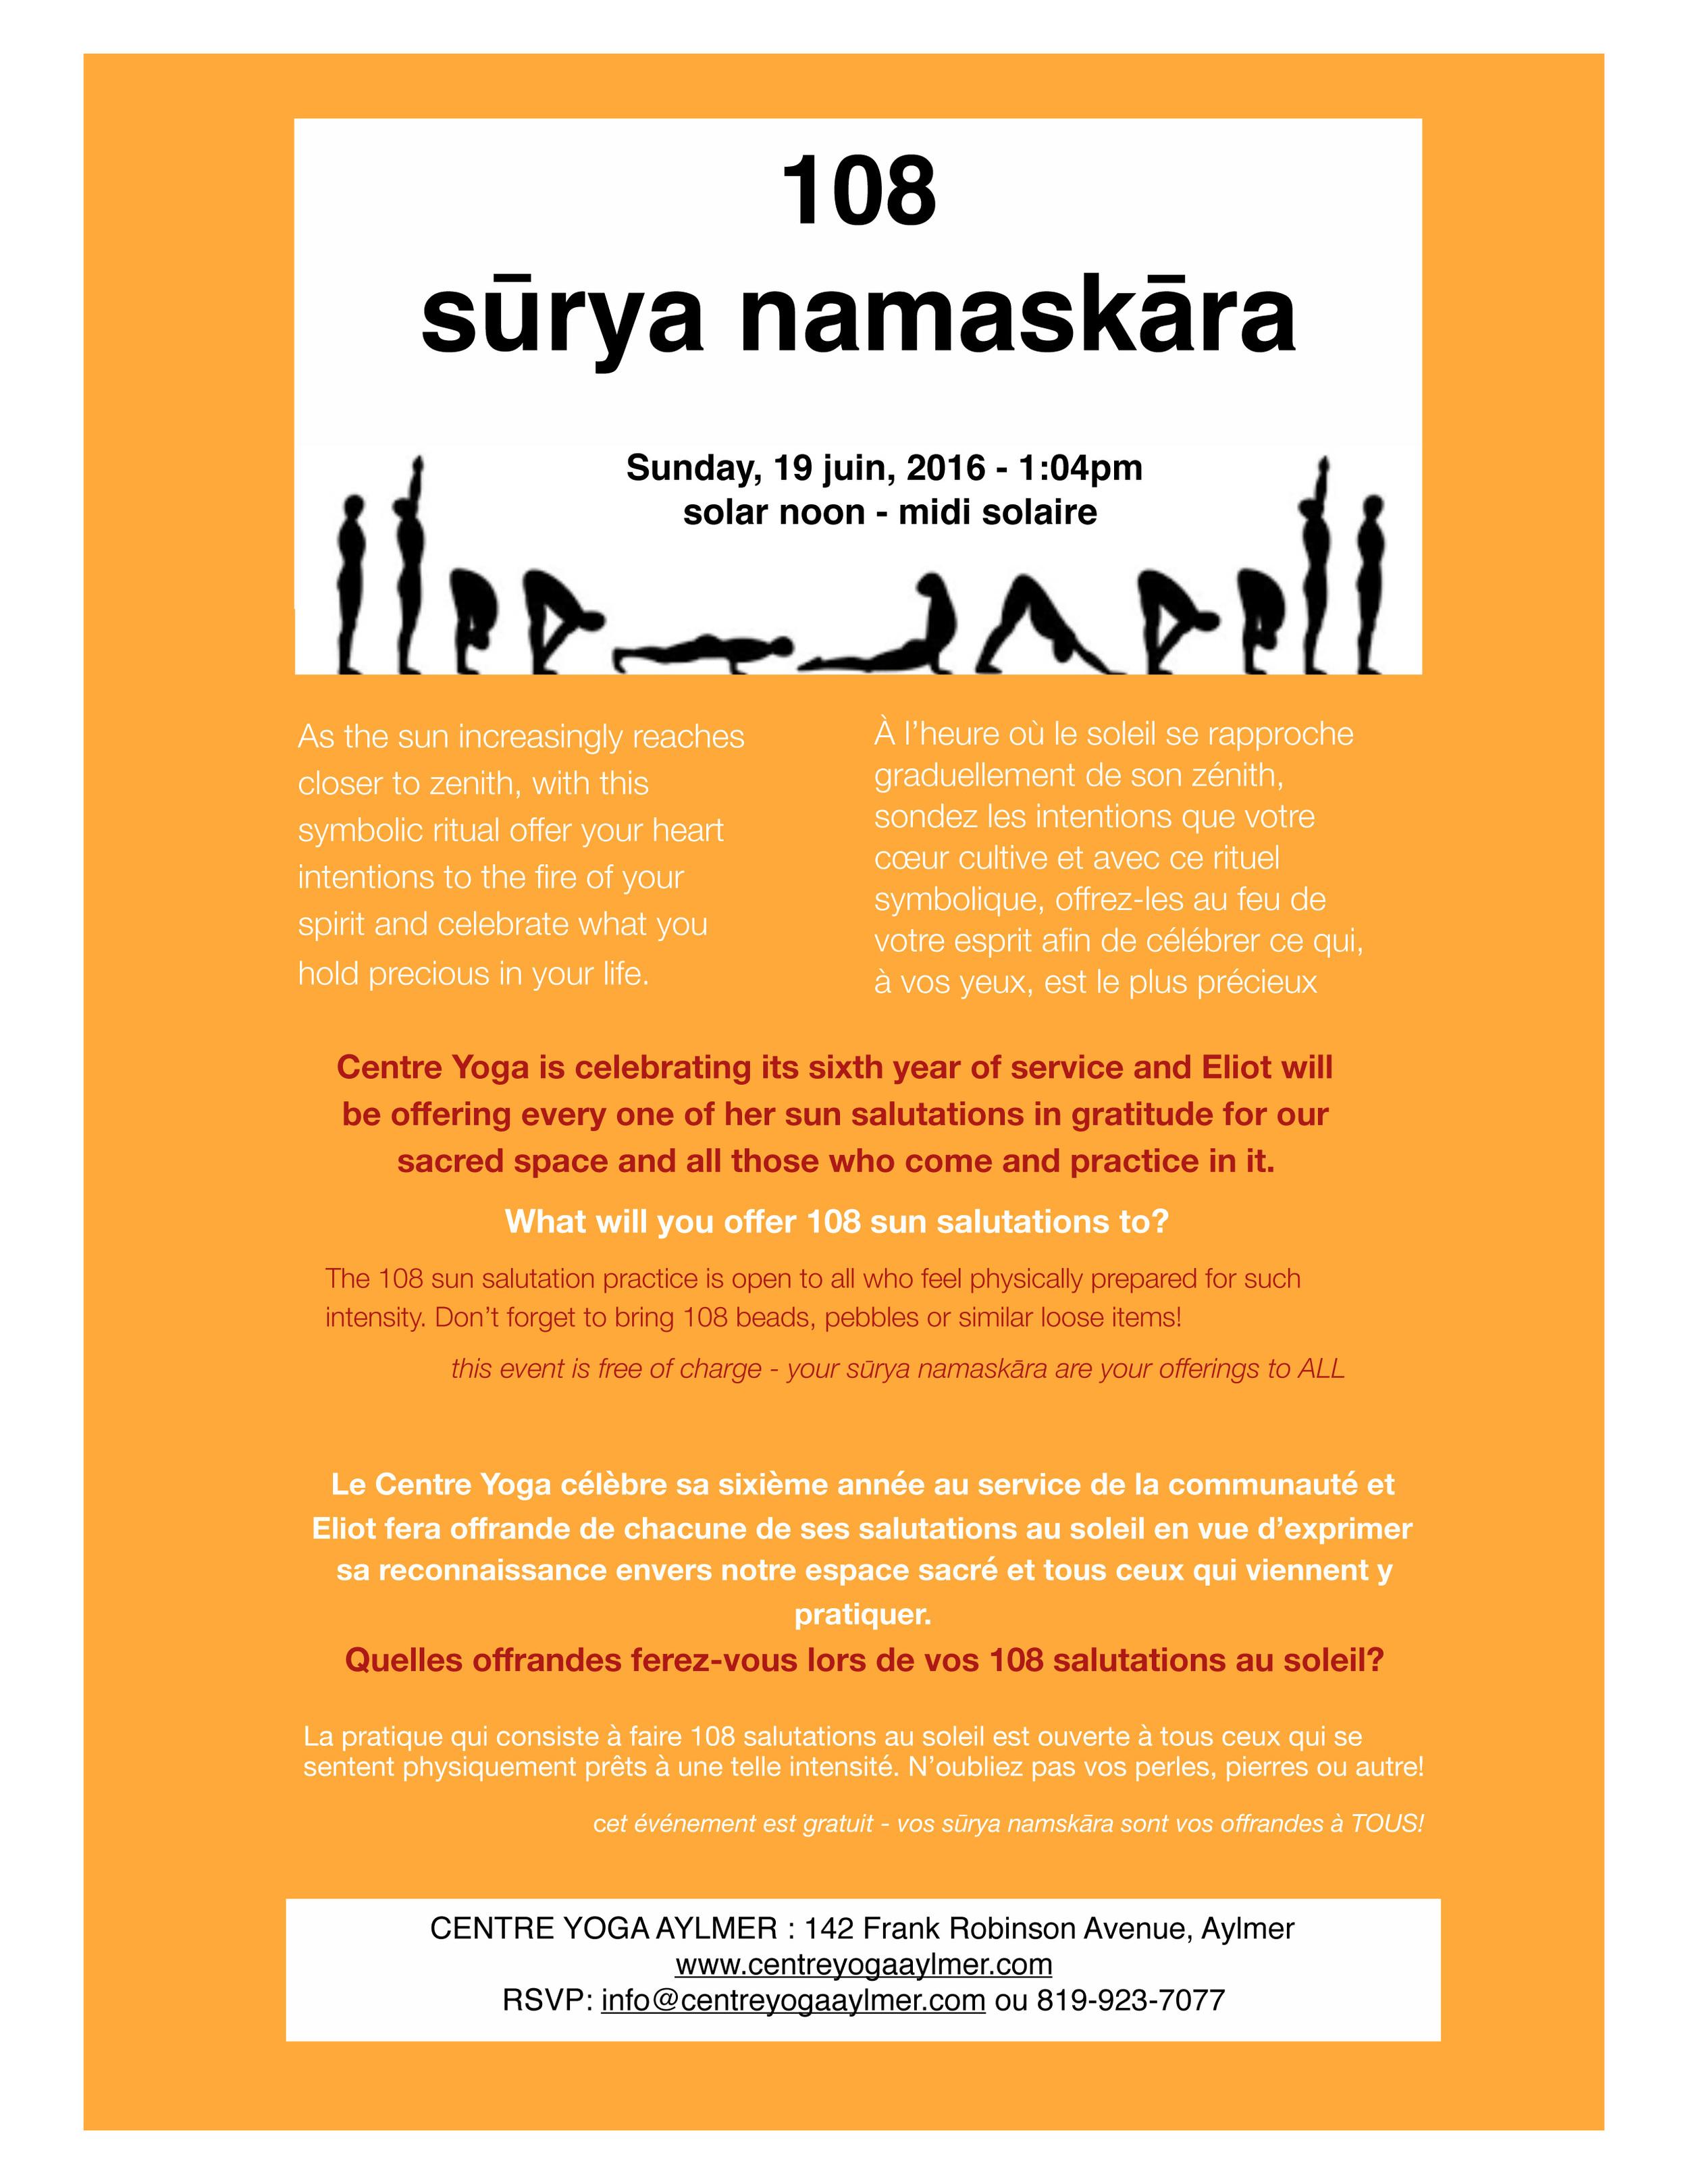 download leaflet  here